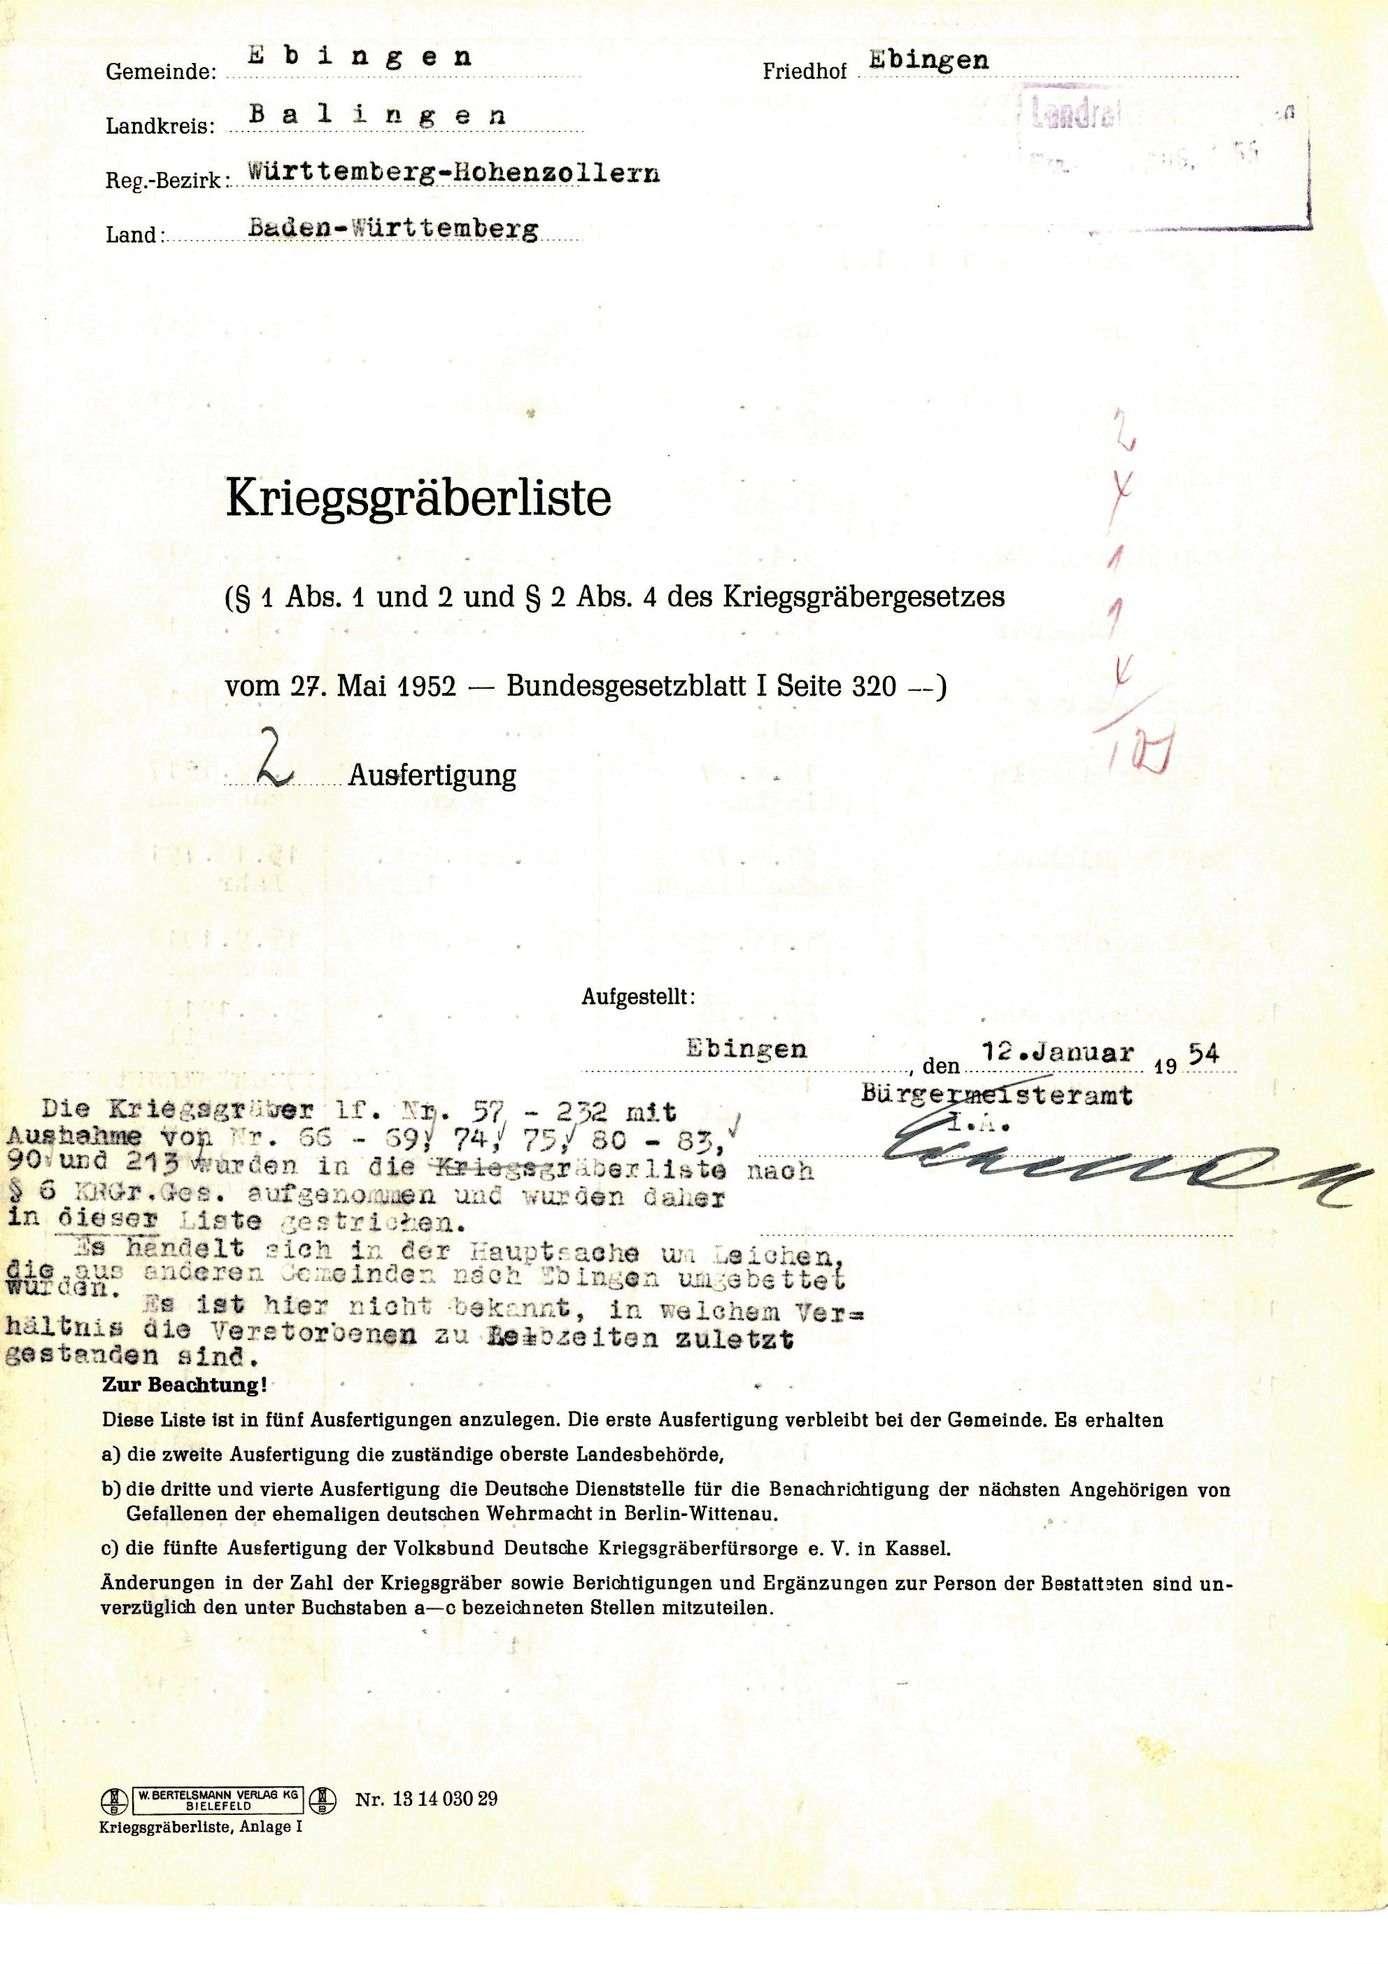 Ebingen, Bild 1